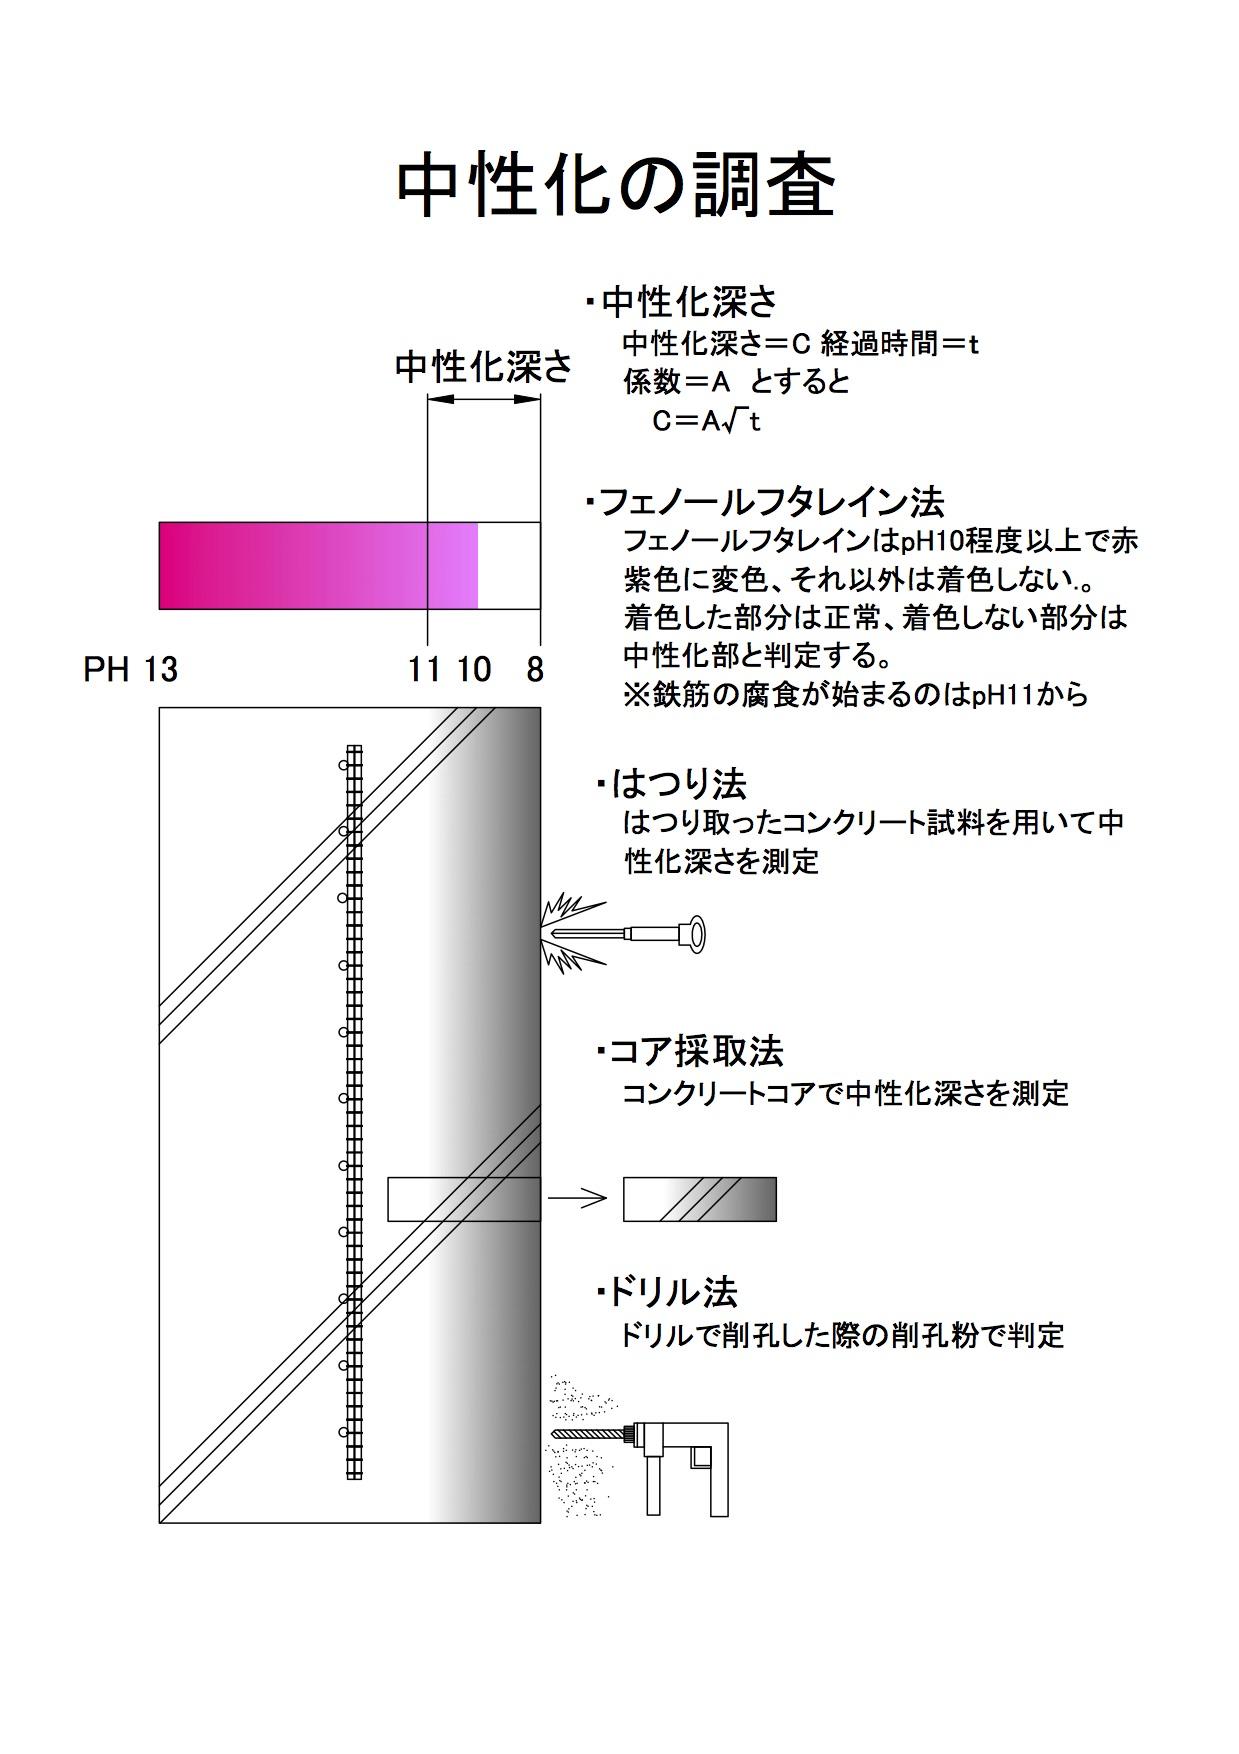 レイン フェノール 溶液 フタ コンクリートの中性化試験の試験方法と中性化による劣化の対策案